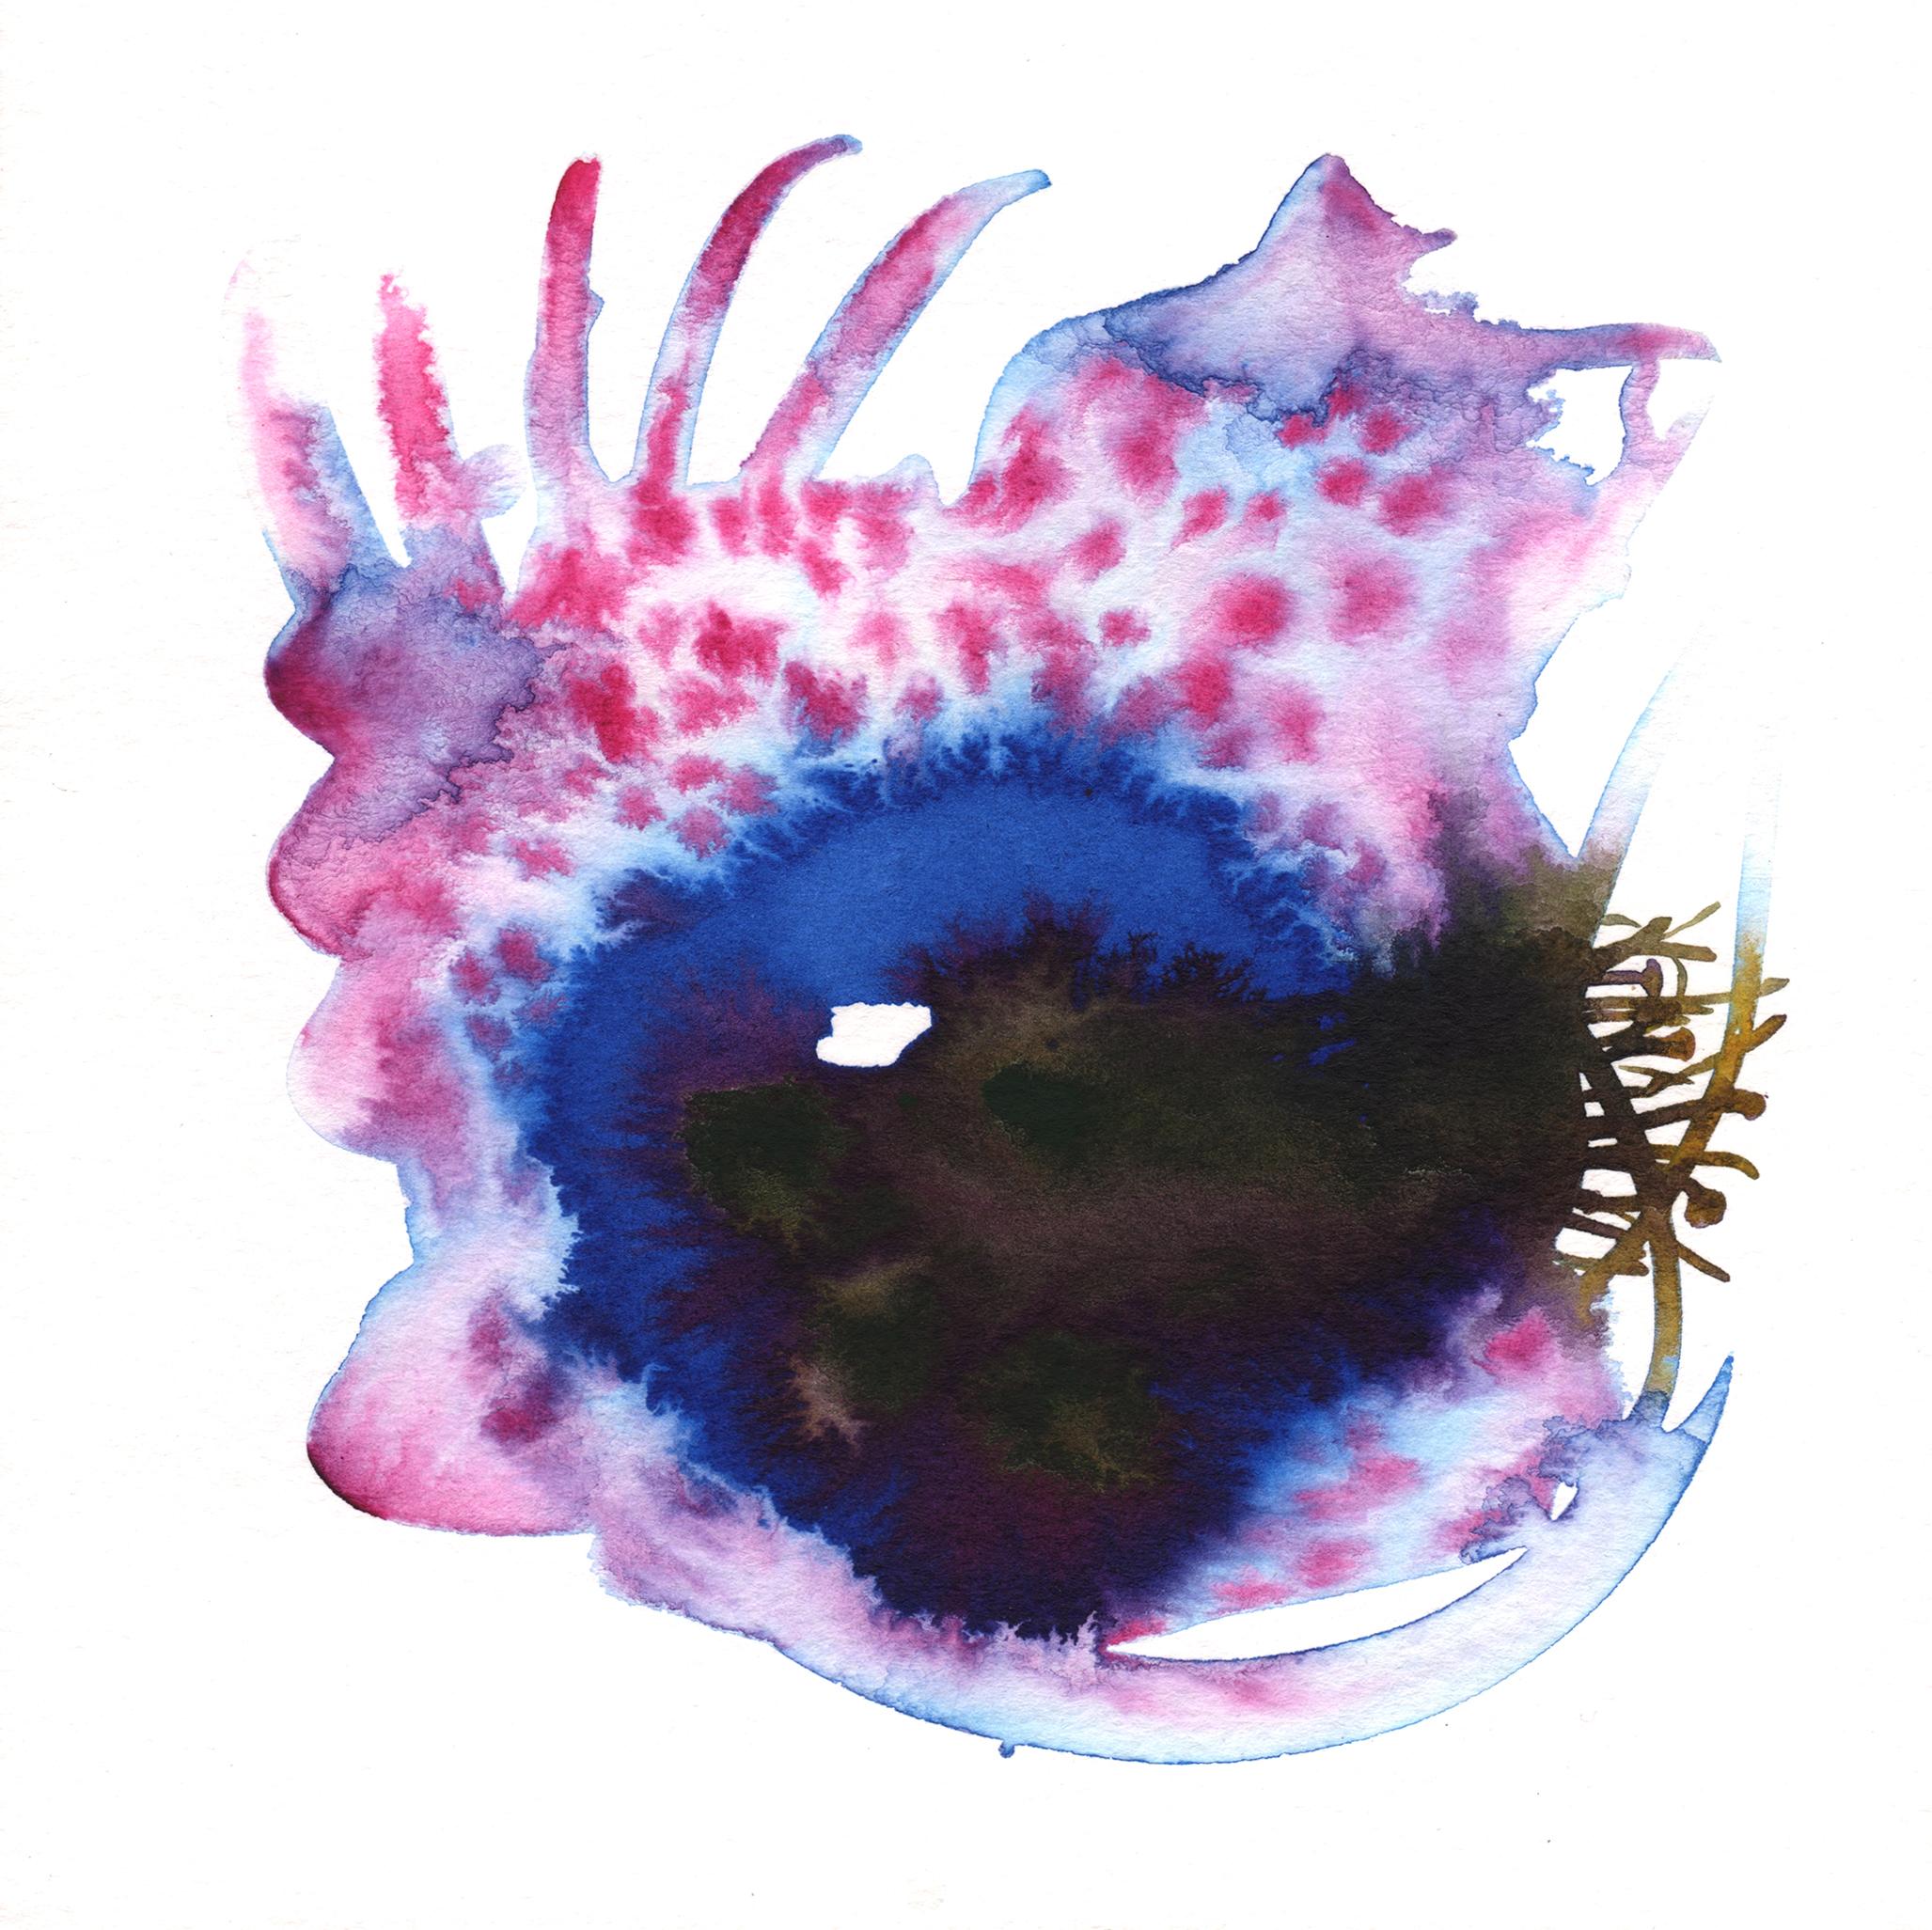 300.Coral.Bloom.12.5.14.jpg